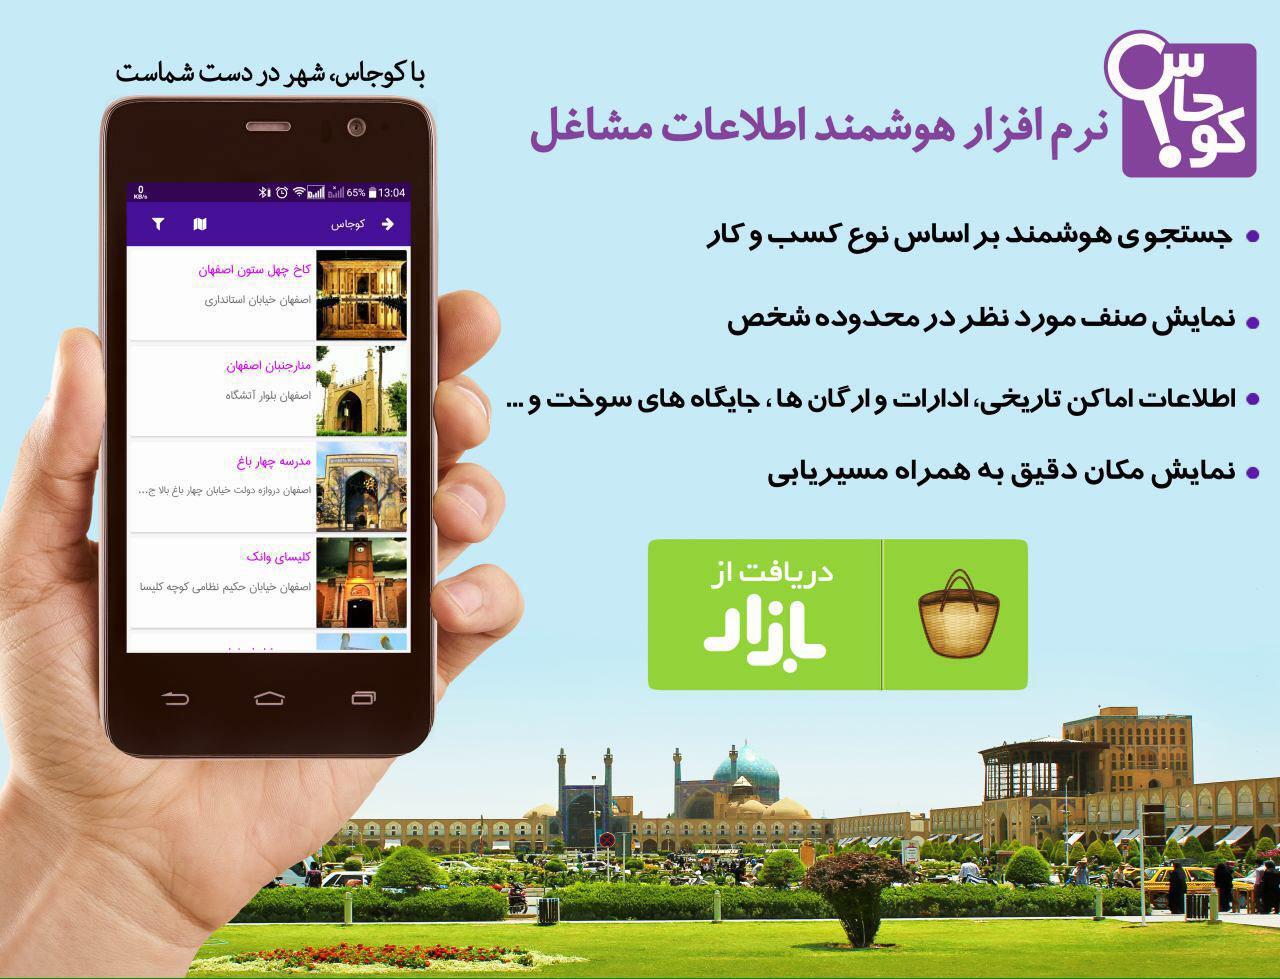 کوجاس: نرم افزاری کاربردی برای همه اصفهانی ها